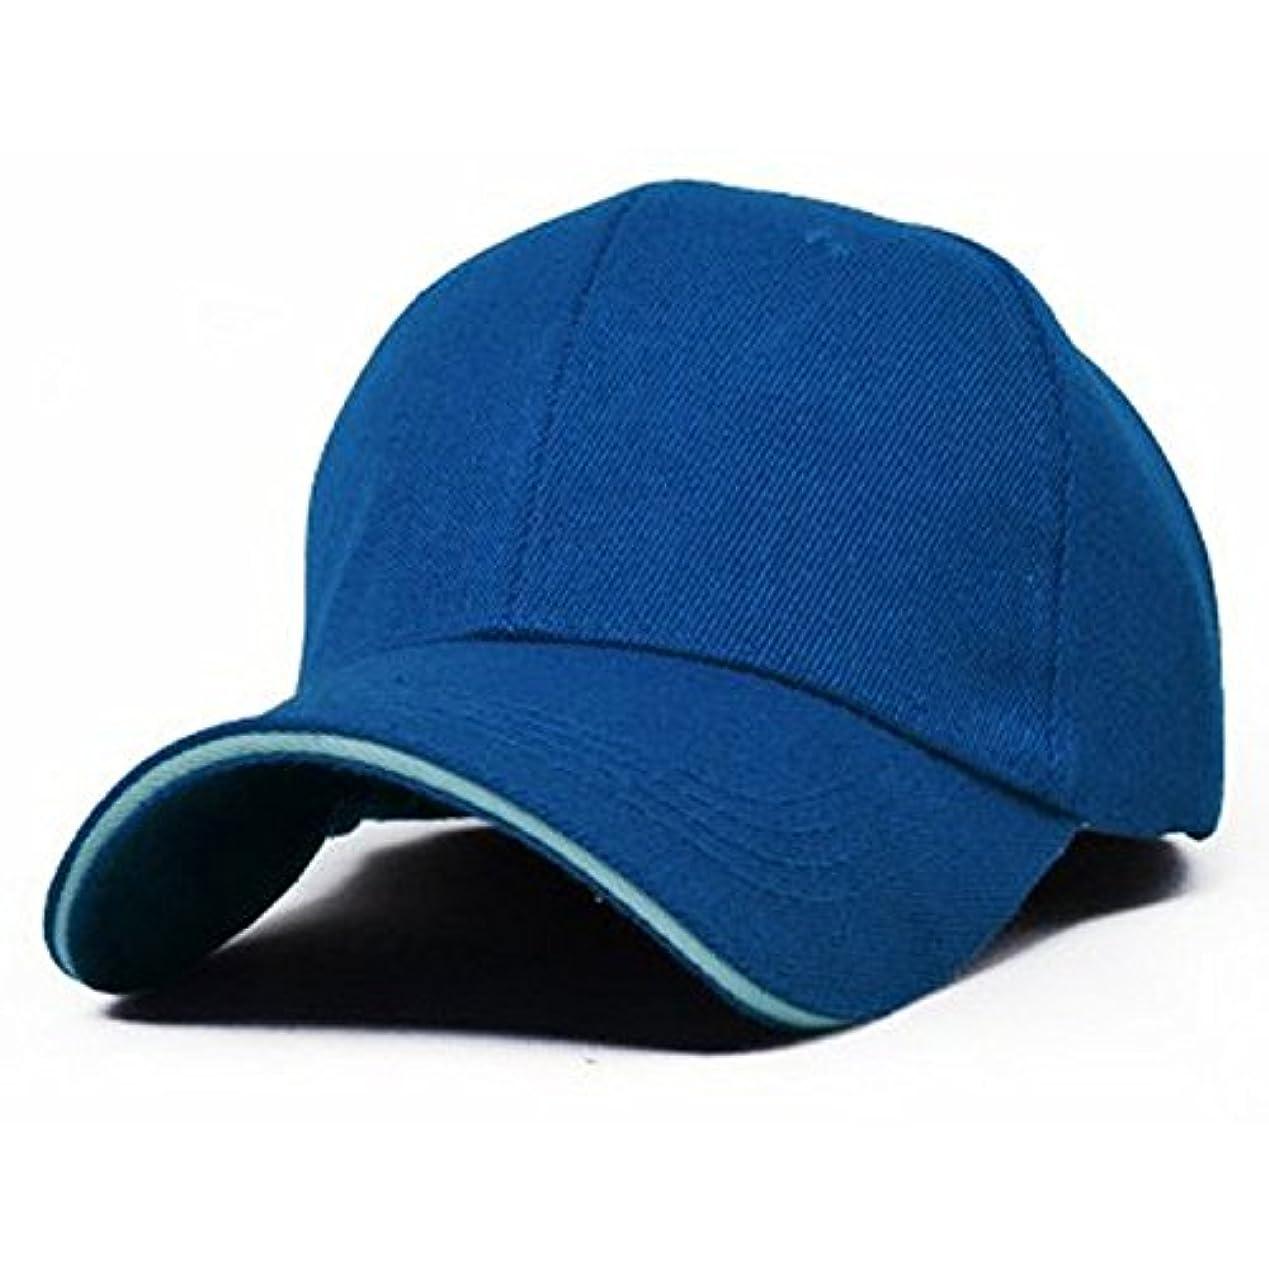 セラフいつパニックOUYOU 野球キャップ 野球帽 無地 野球用 ゴルフ用 男女兼用 調節可能